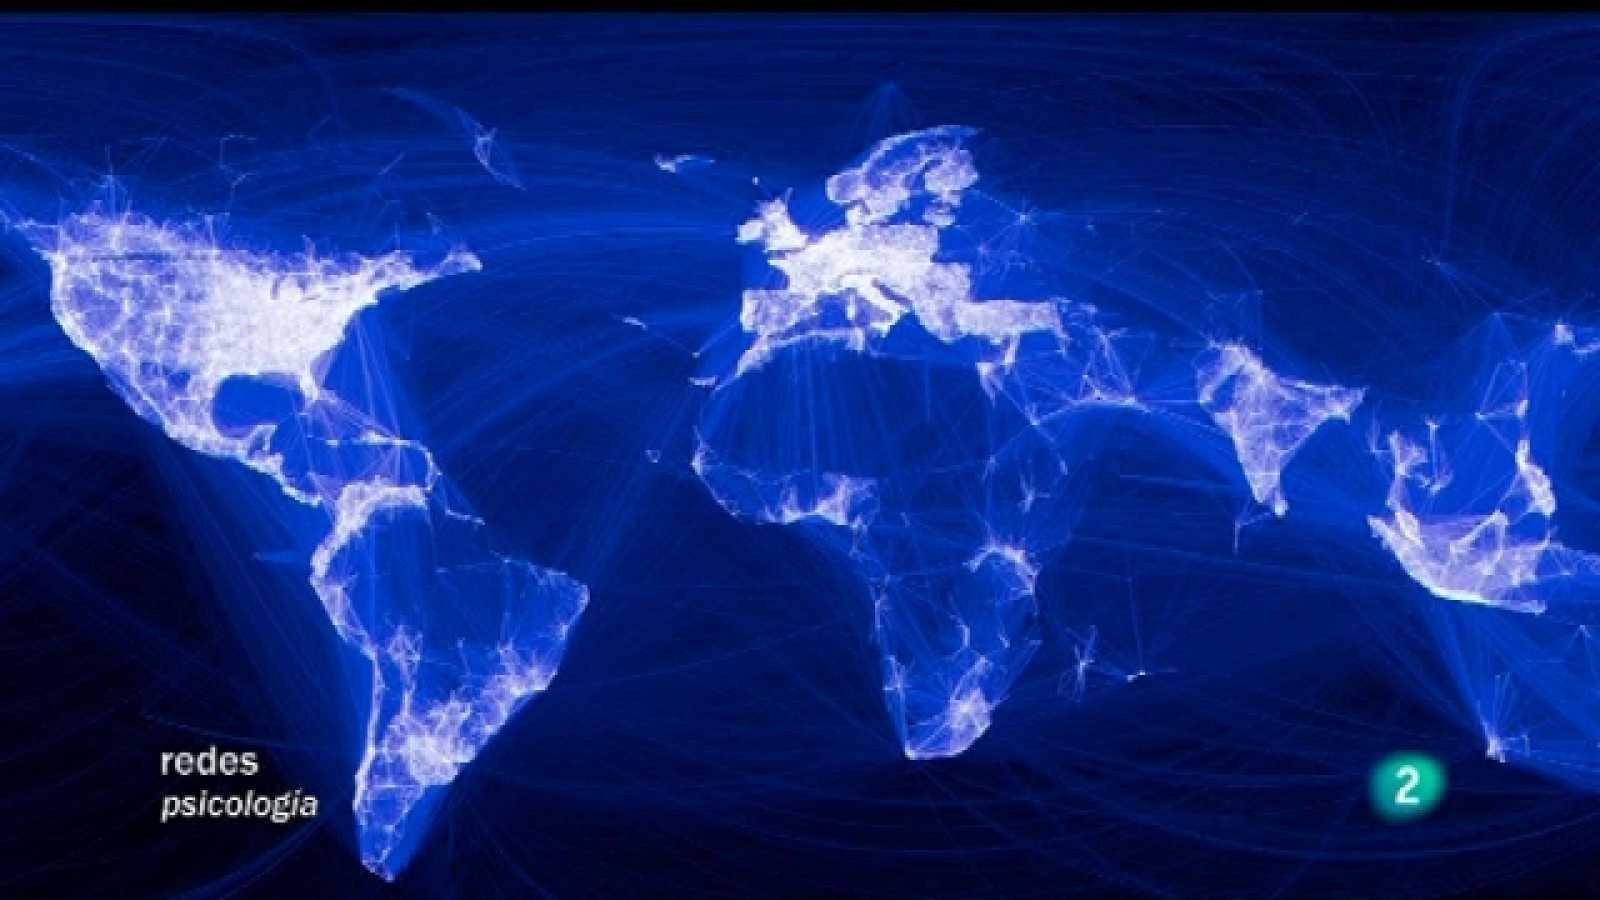 Redes - El poder de las redes sociales - Ver ahora